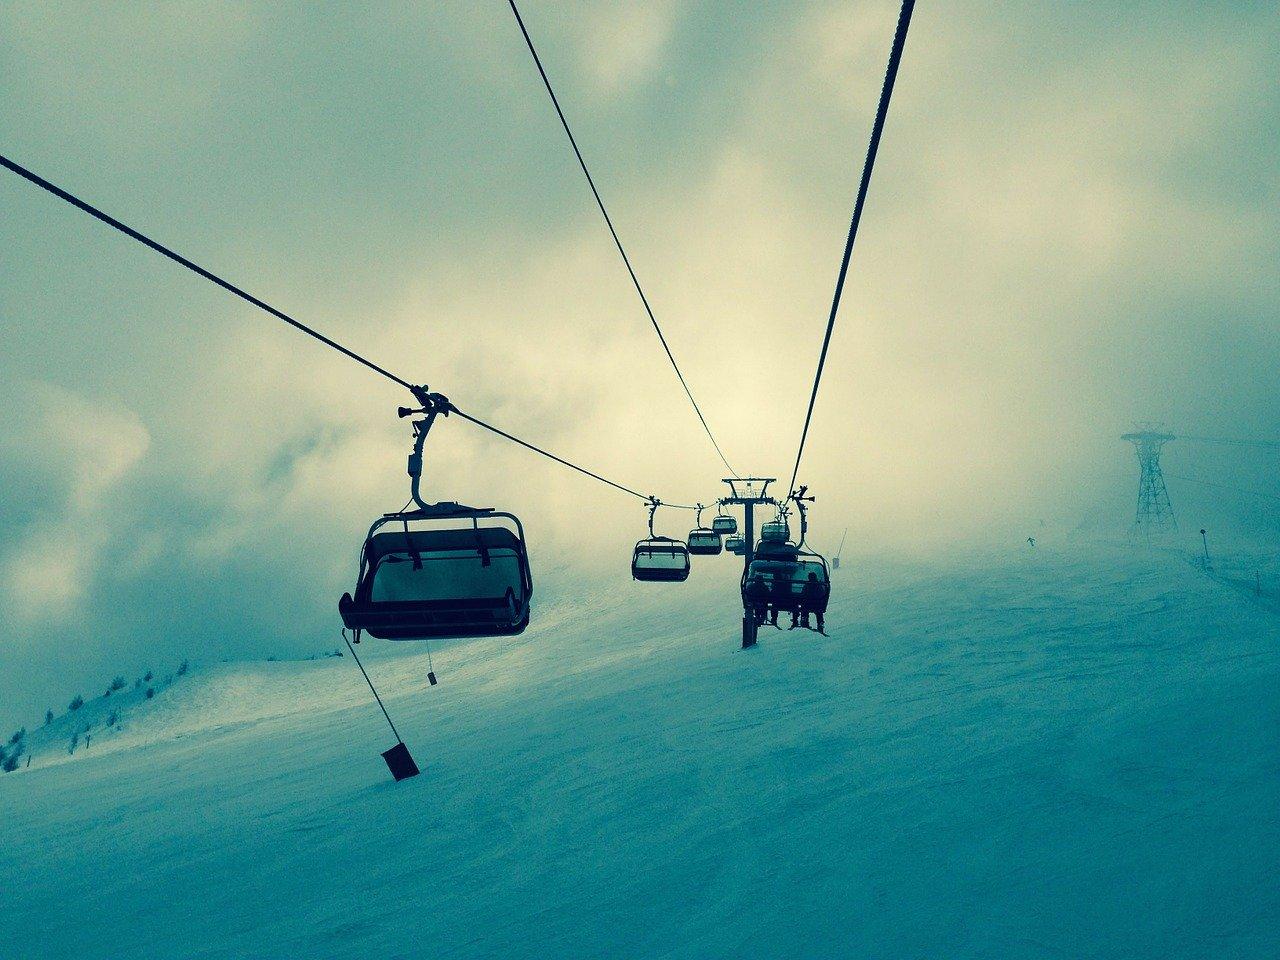 Vacances au ski en hiver, télésiège